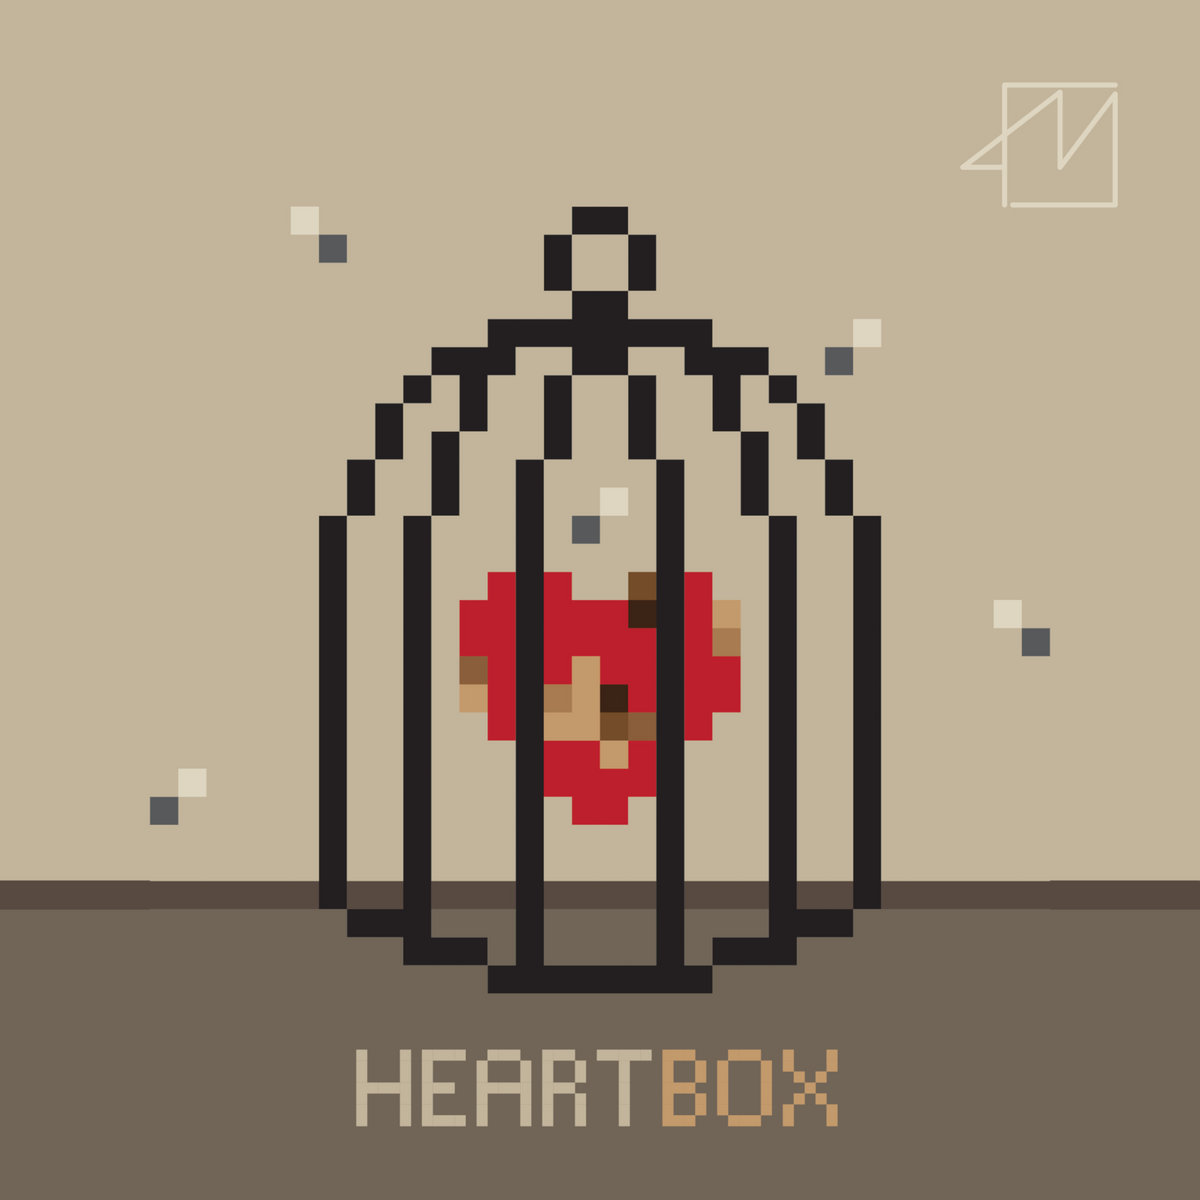 Felix Marc - Heartbox - Felix Marc - Heartbox